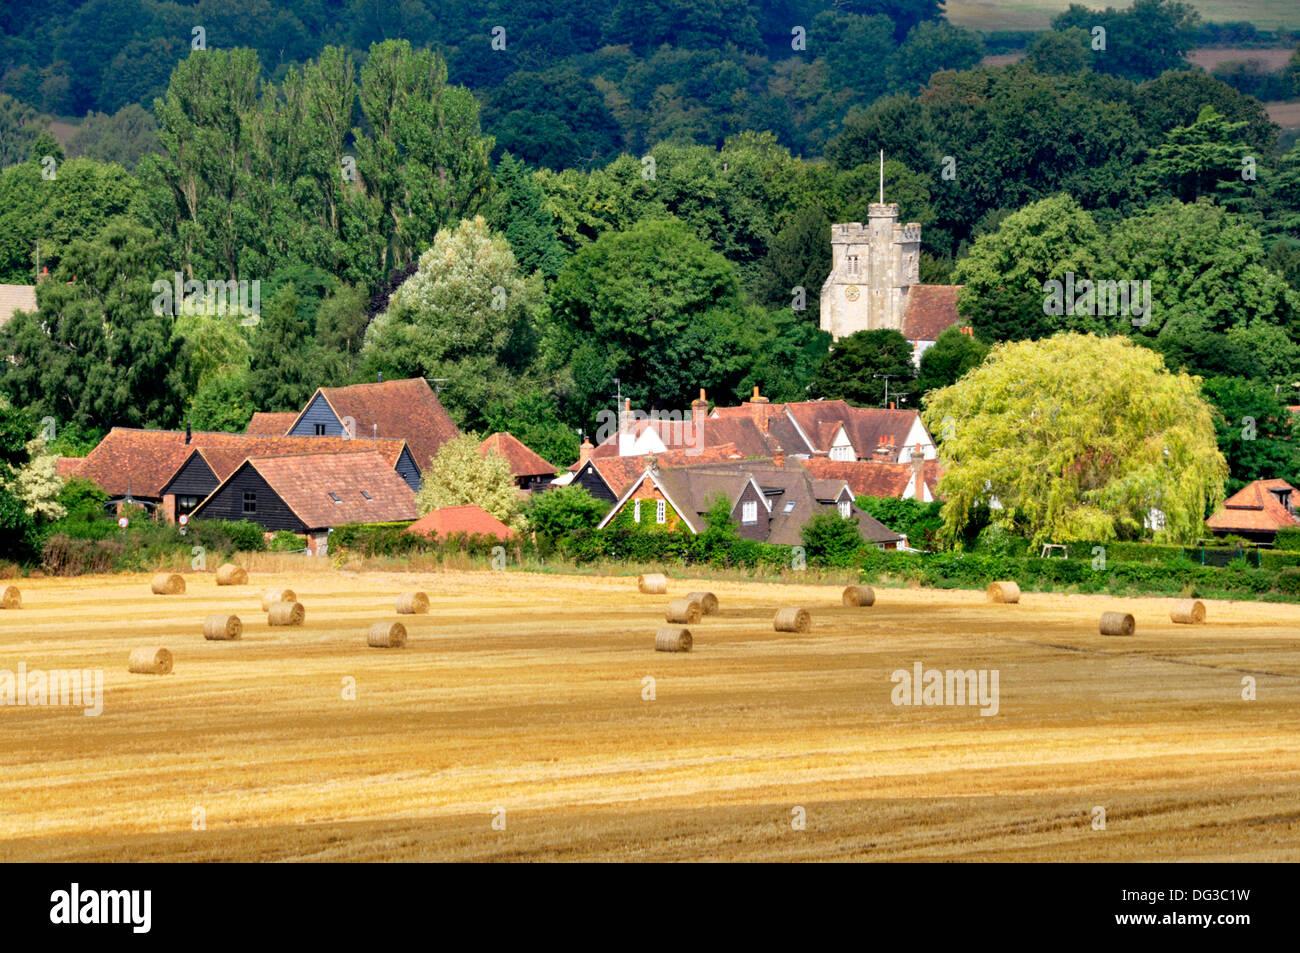 Bucks - Chiltern Hills - view to Little Missenden village - across field of golden stubble - straw bales - autumn sunshine - Stock Image